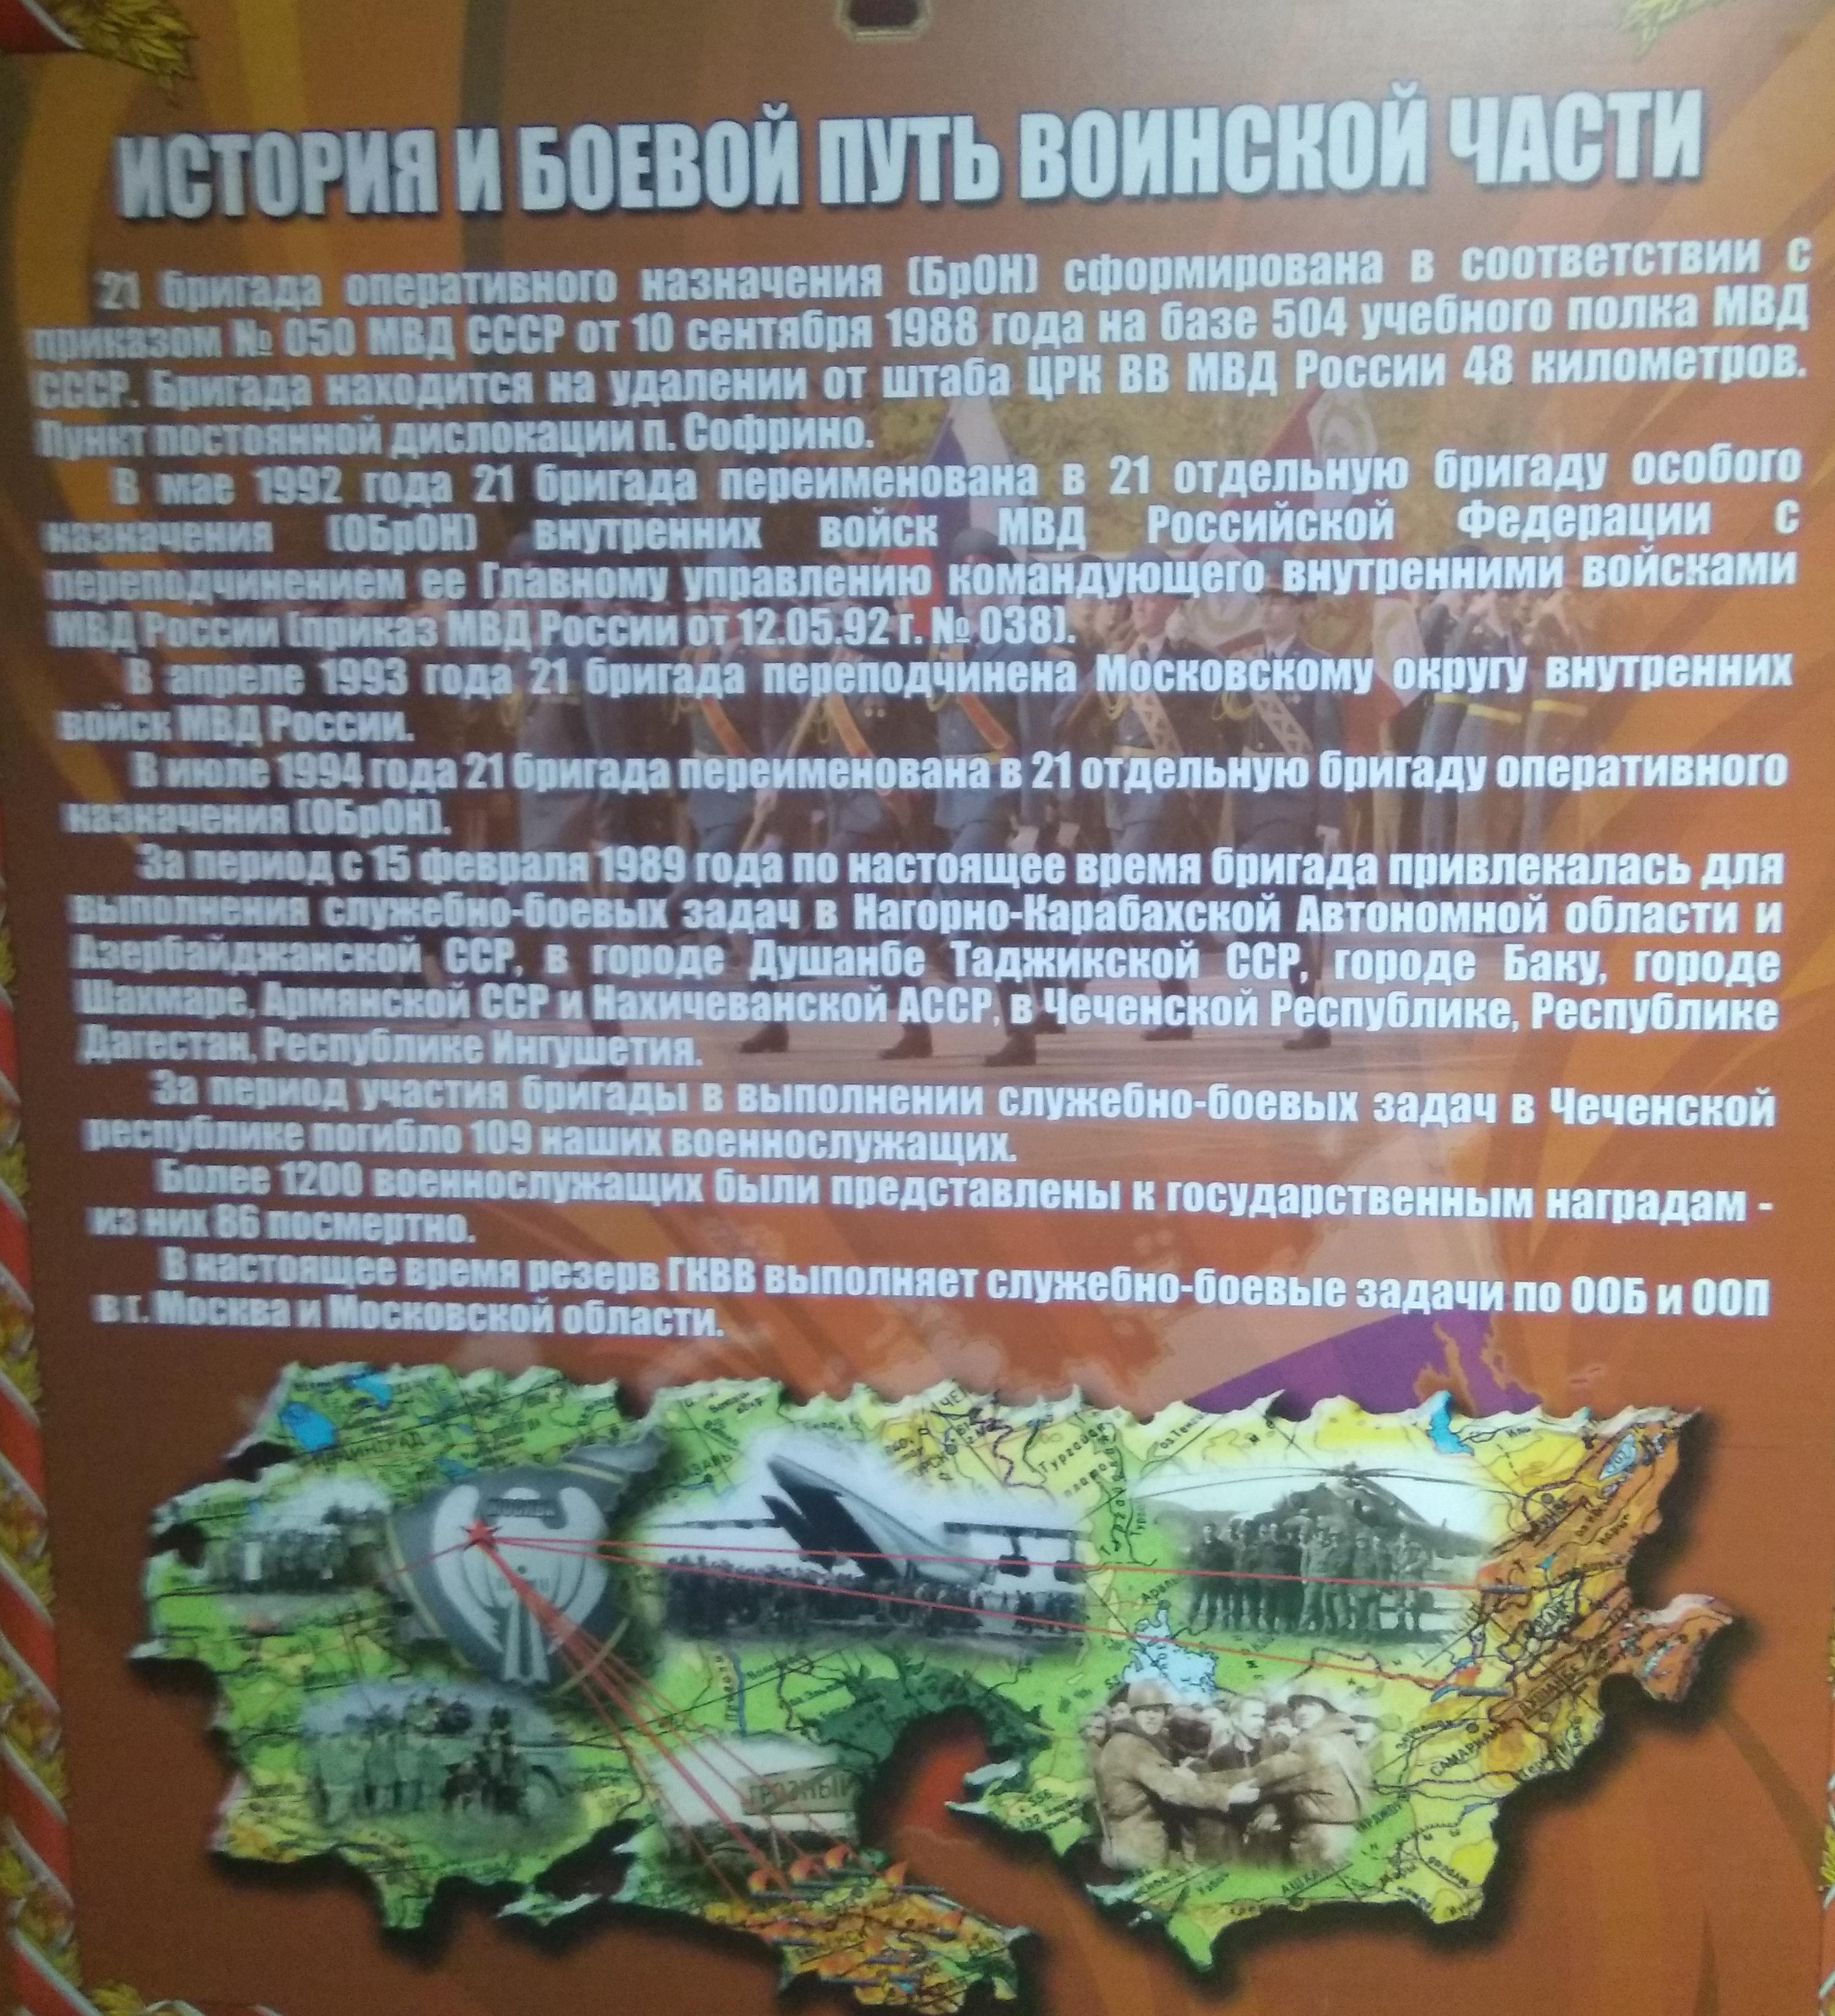 """""""Общее дело"""" в 21-й Софринской бригаде Росгвардии"""